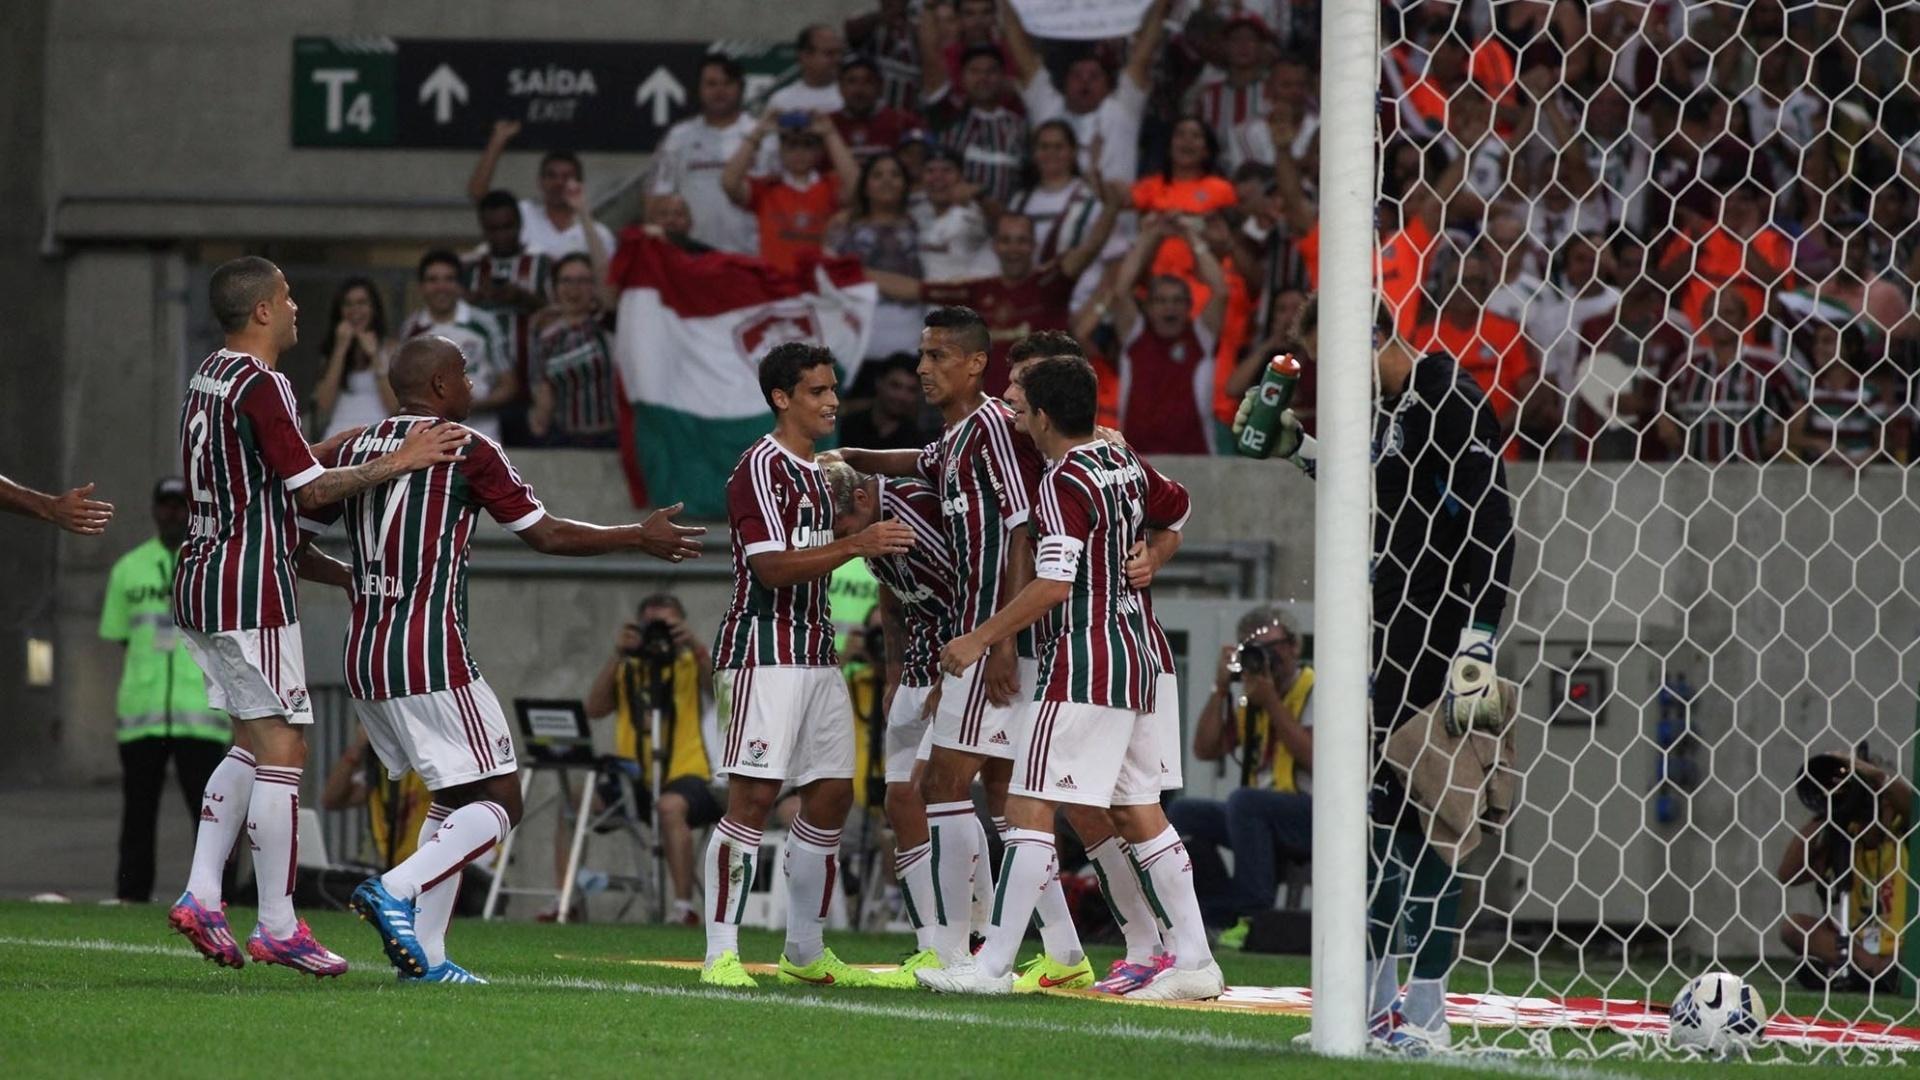 Jogadores do Fluminense comemoram gol contra o Goiás pelo Campeonato Brasileiro